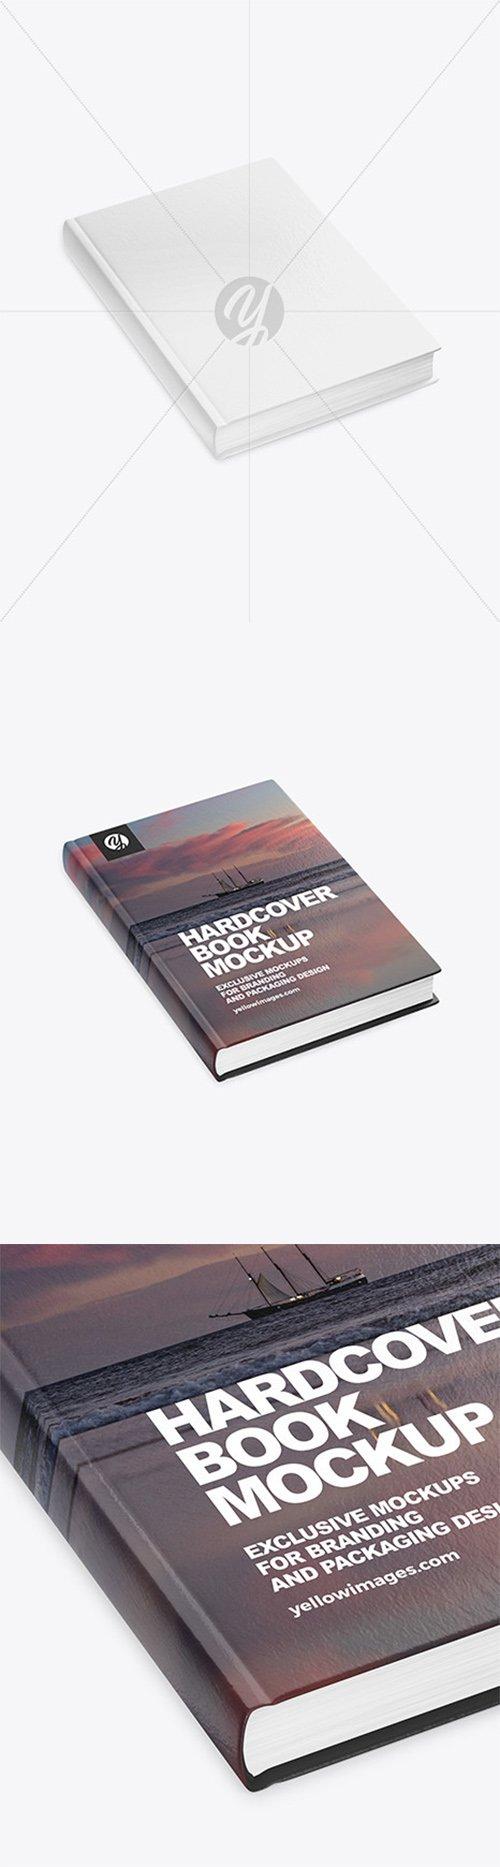 Hardcover Book Mockup 60693 TIF